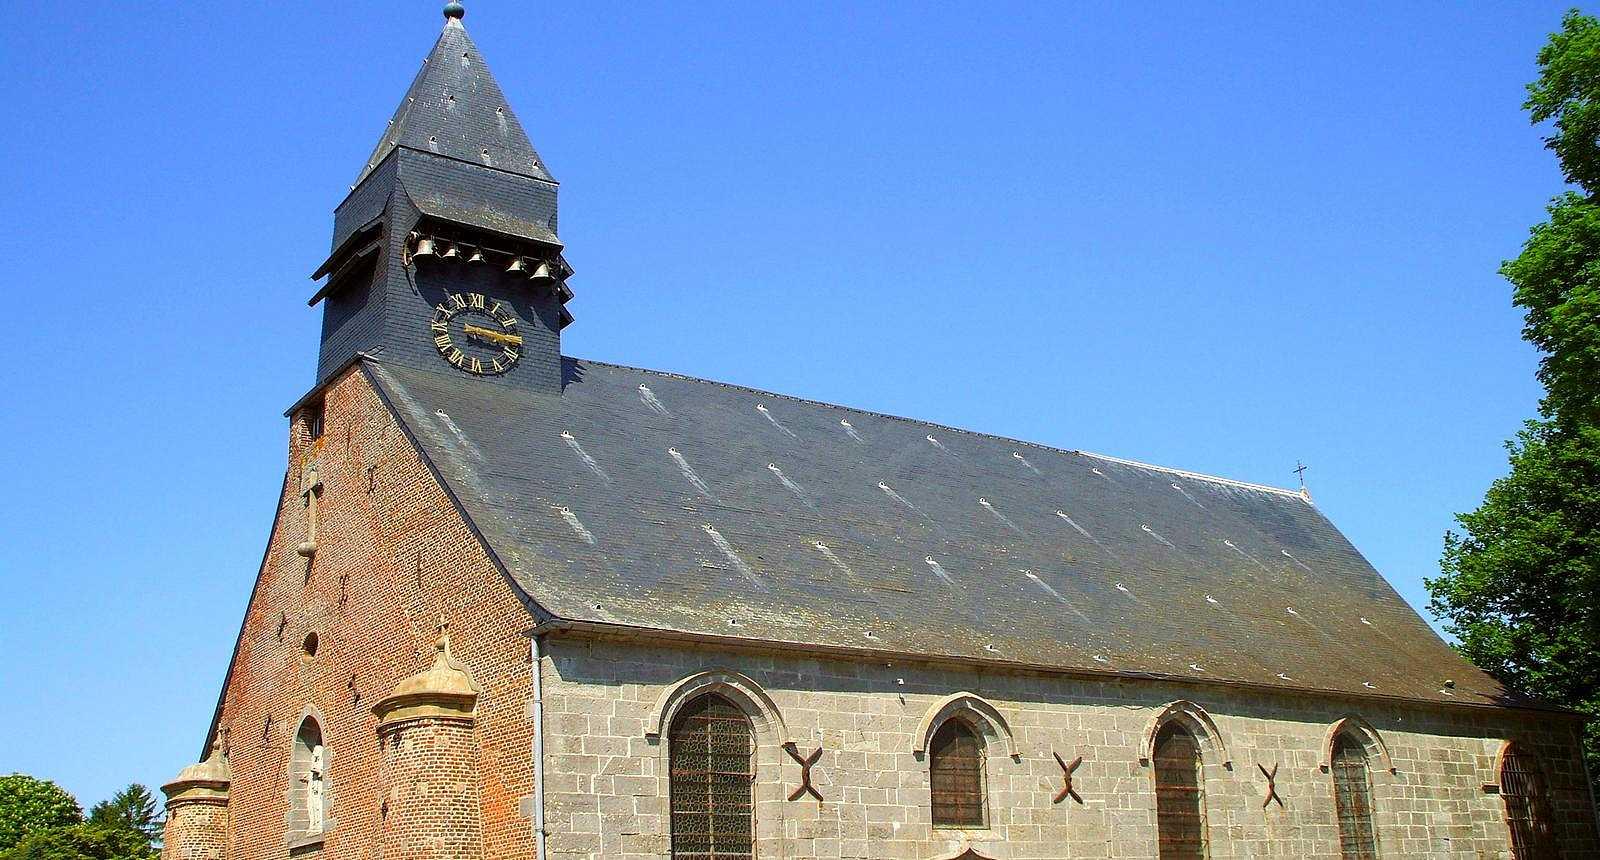 L'église Saint-Martin du Cateau-Cambréis